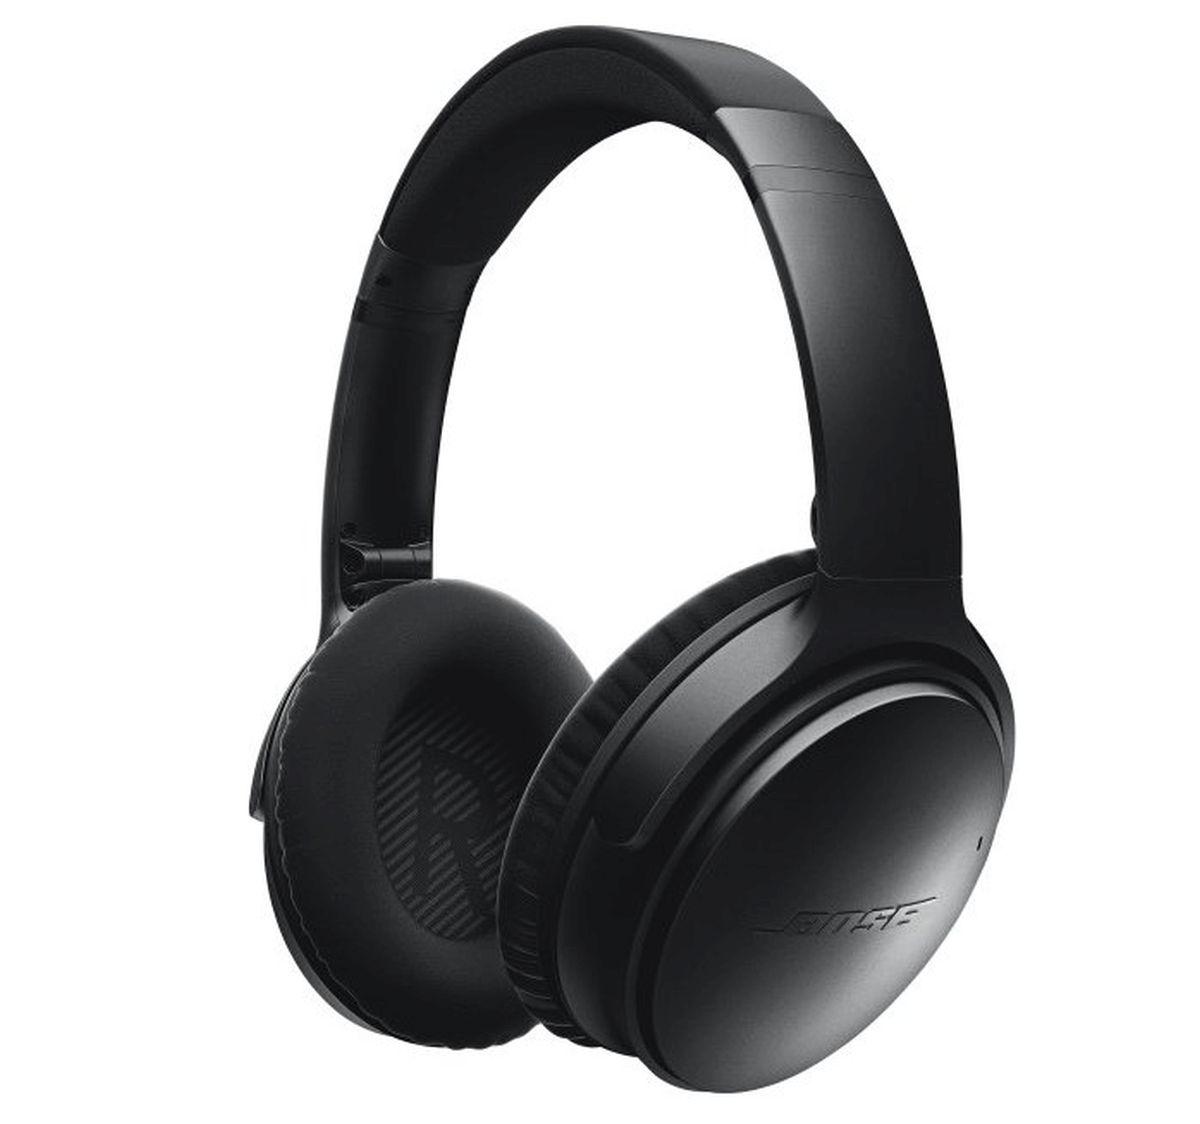 QuietComfort_35_wireless_headphones_-_Black_1710_1